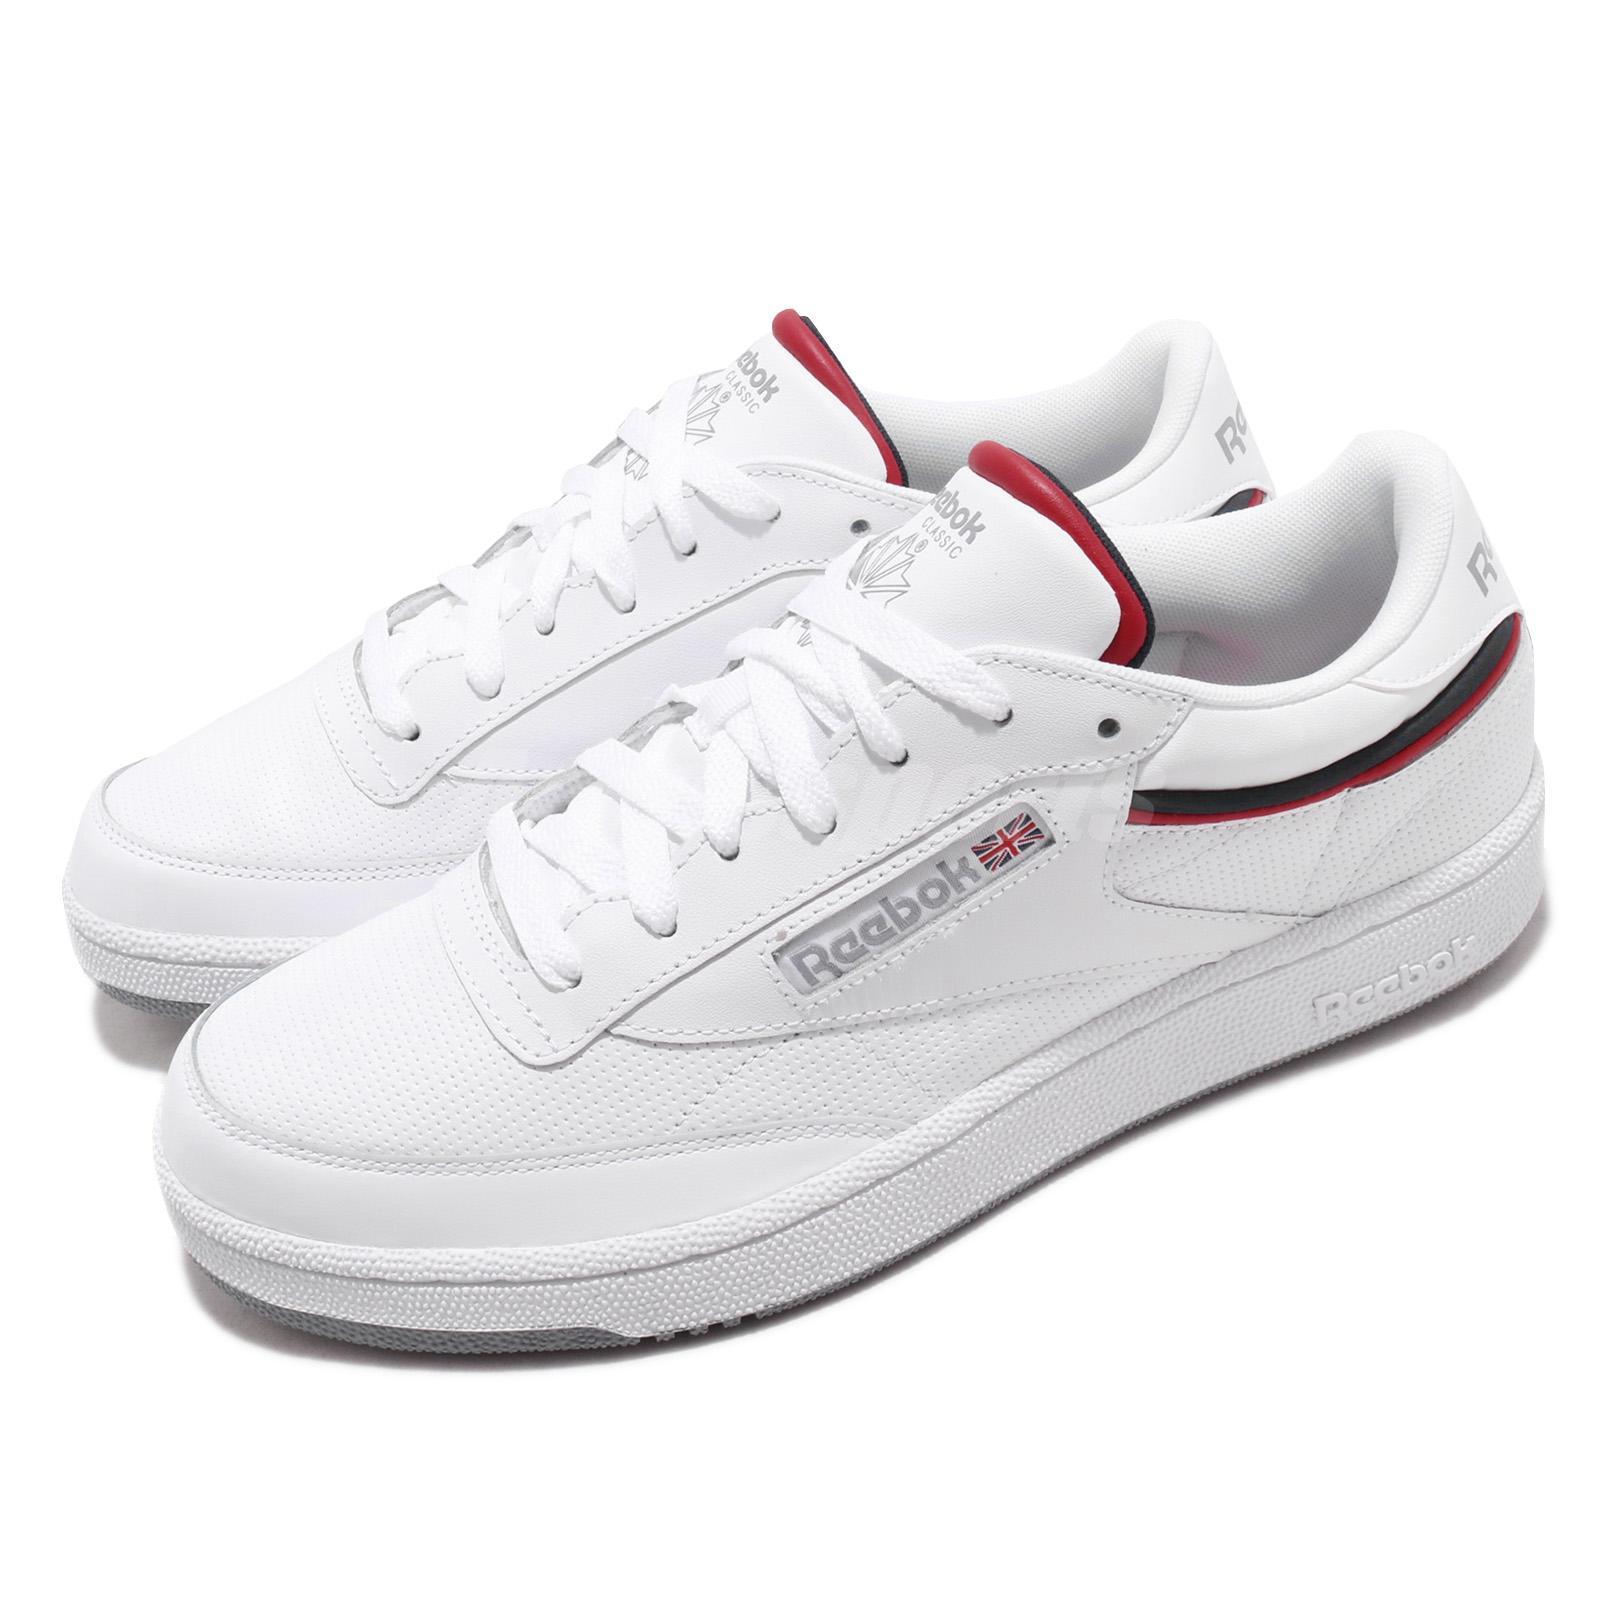 Detalles acerca de Reebok Club C 85 MU Blanco Azul Marino Rojo Clásico De Hombre Zapatos informales Tenis CN3761 mostrar título original